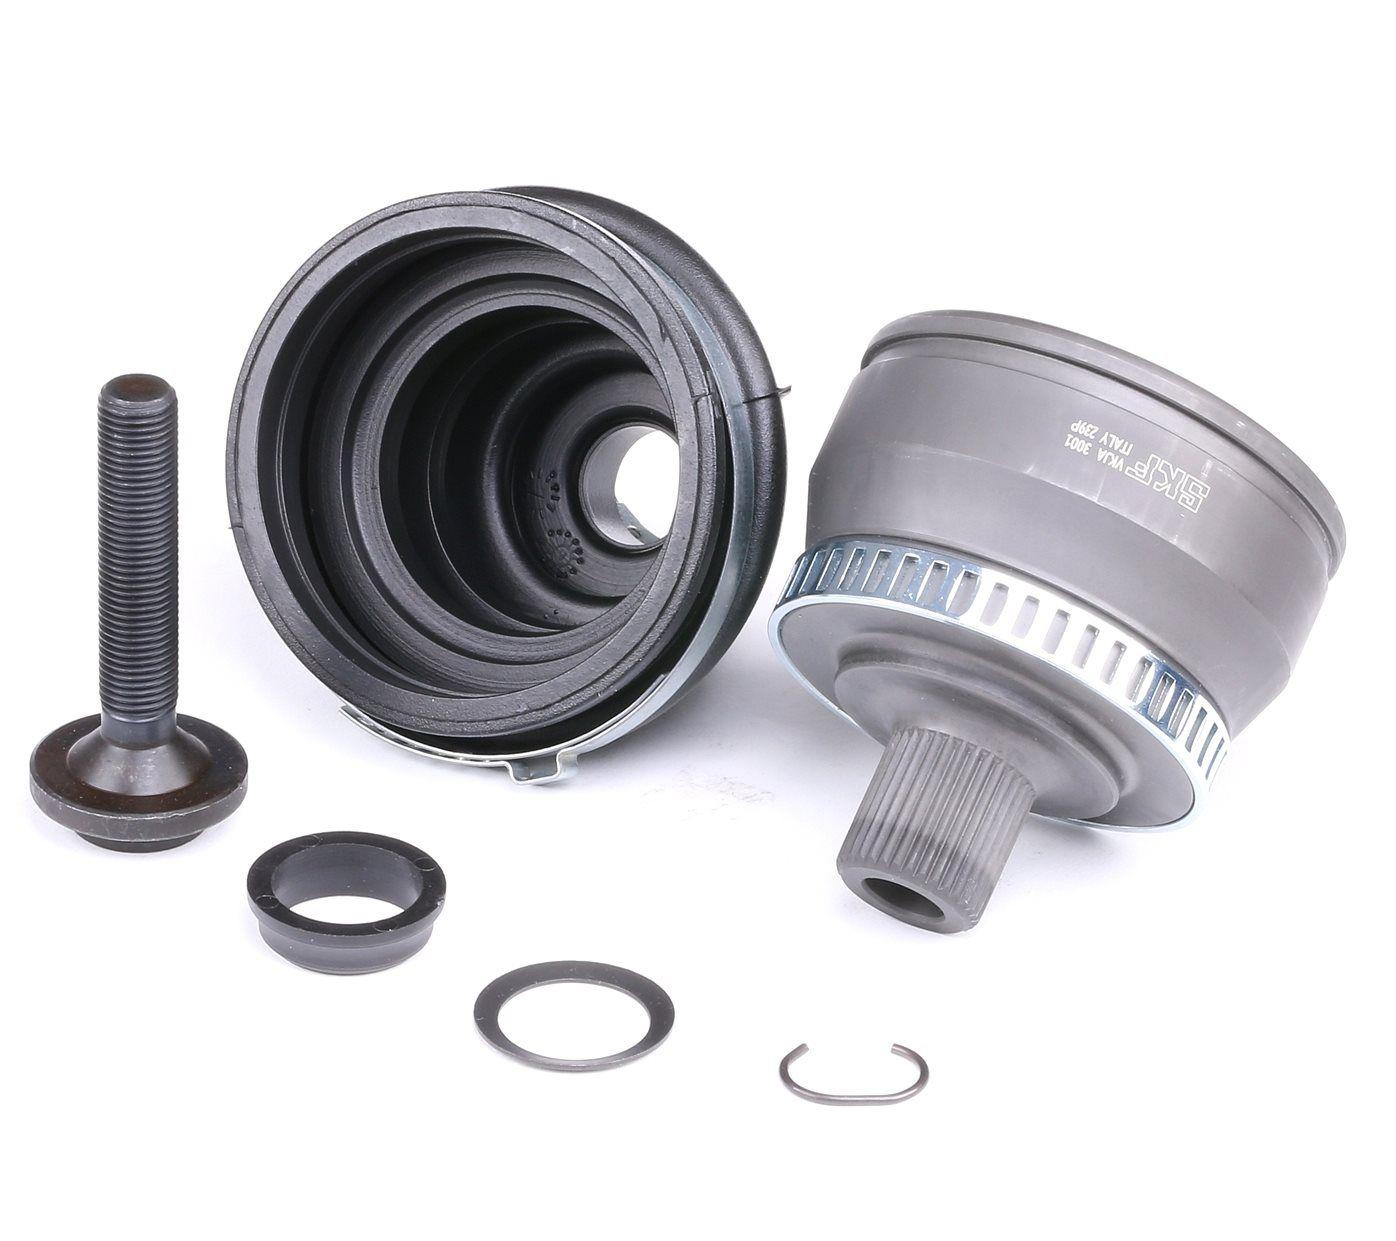 SKF: Original Antriebswellen & Gelenke VKJA 3001 (Außenverz.Radseite: 33, Innenverz. Radseite: 30, Zähnez. ABS-Ring: 45)